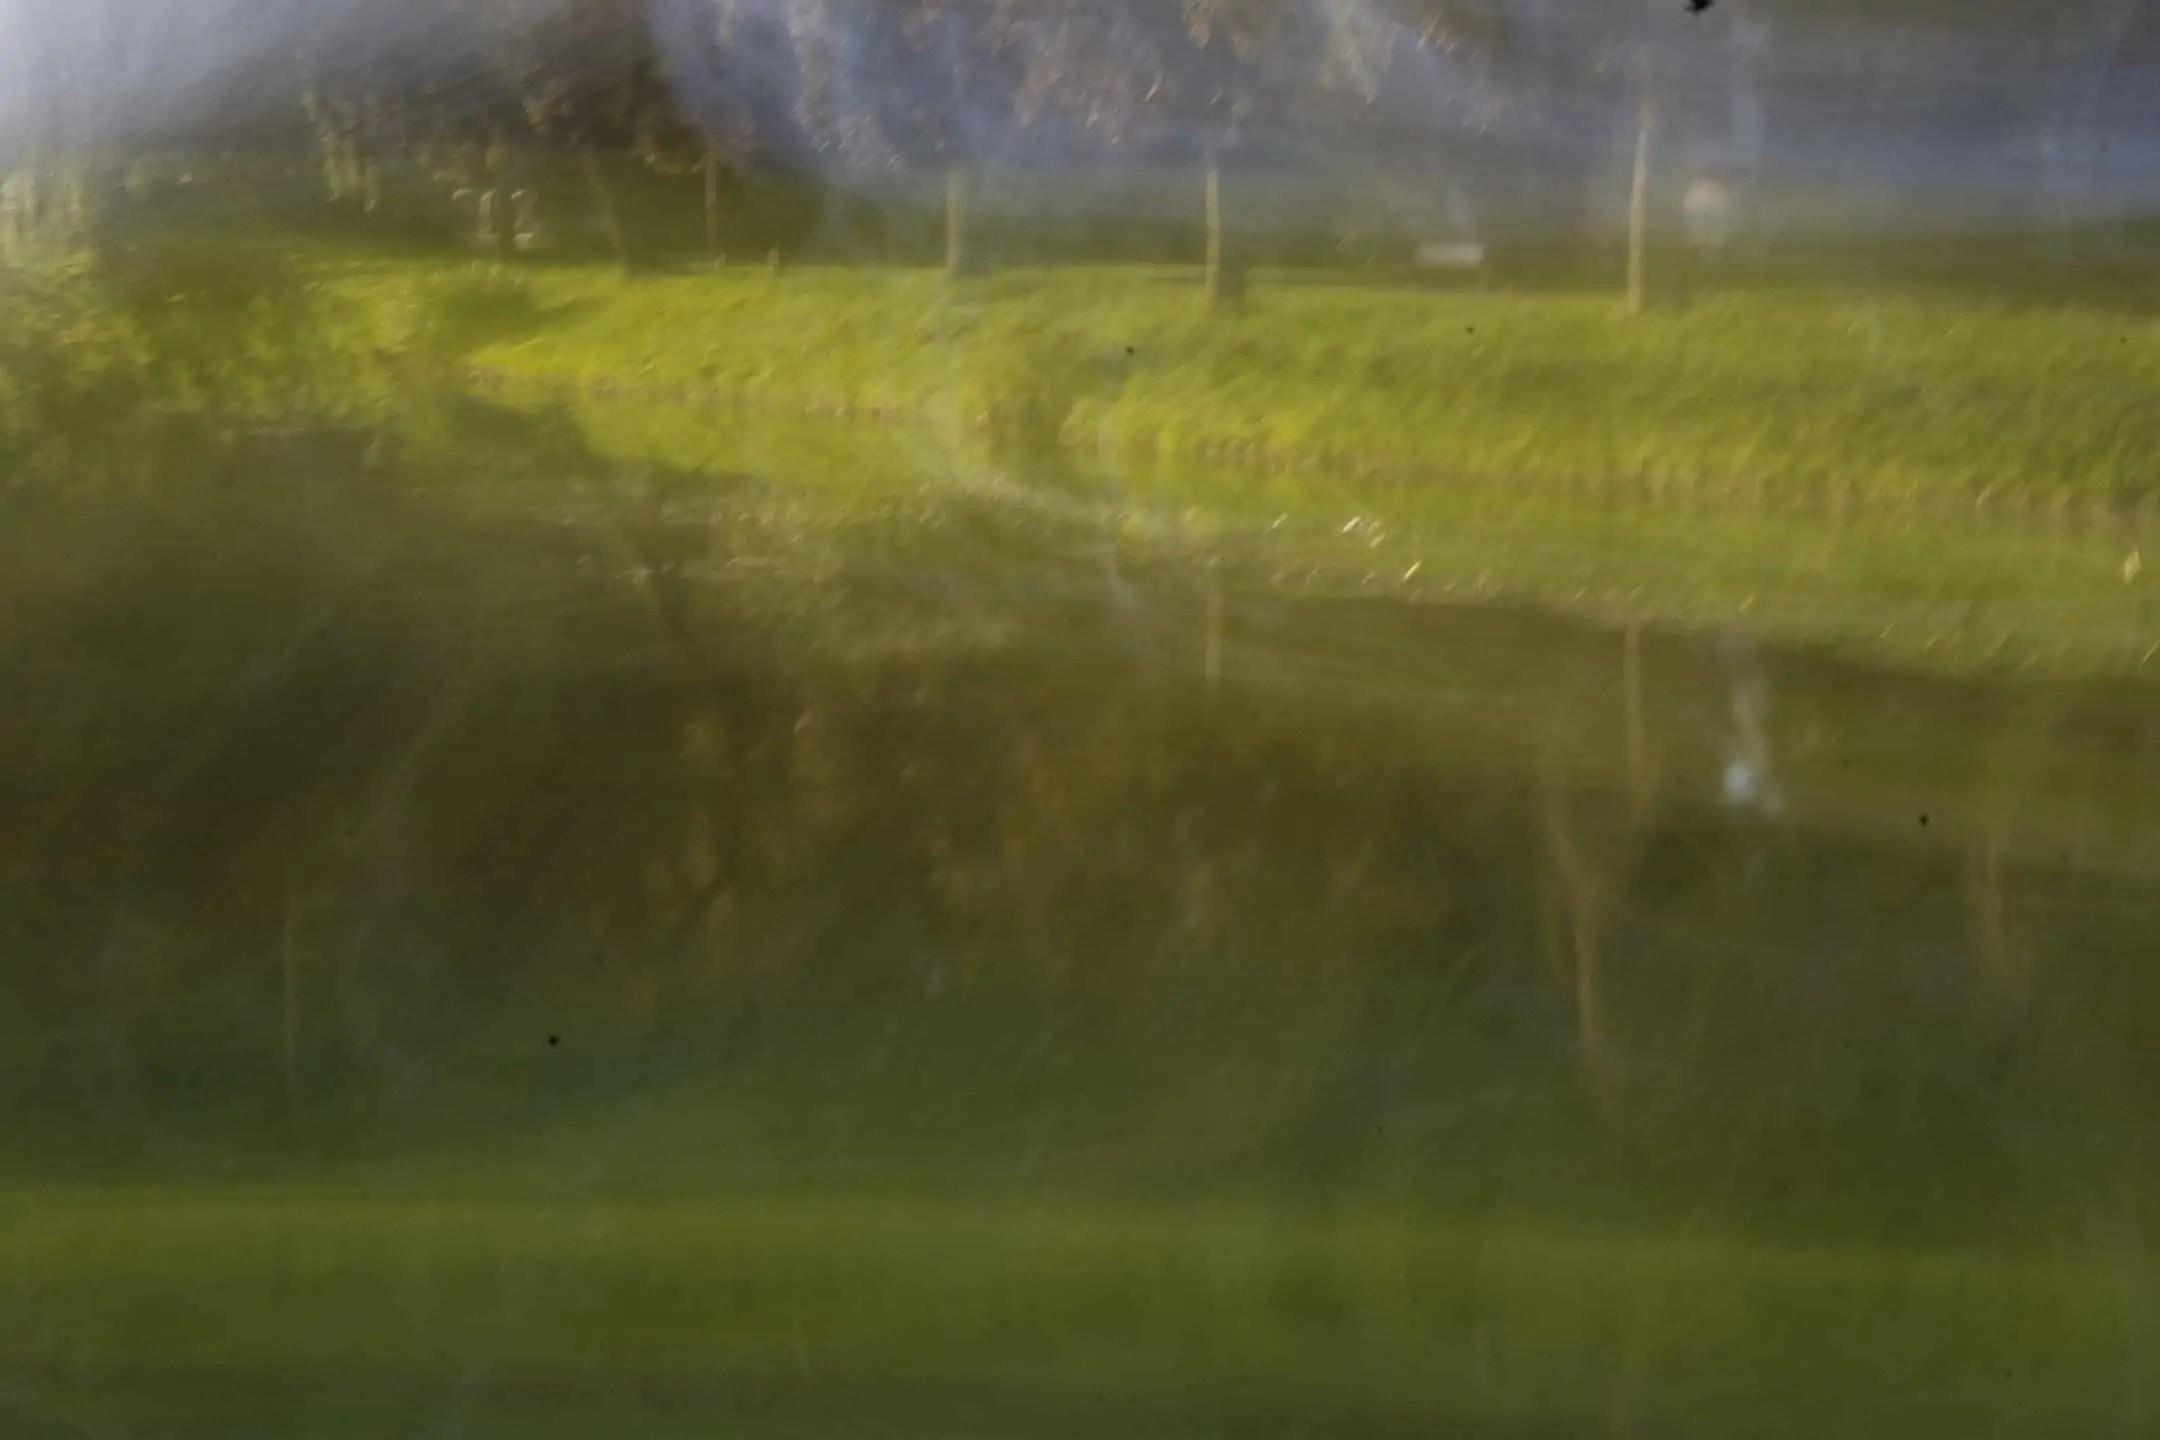 Abstrakcja w krajobrazie świadome poruszenie zdjęcia 1 - Zasady kompozycji - przewodnik po 20 regułach